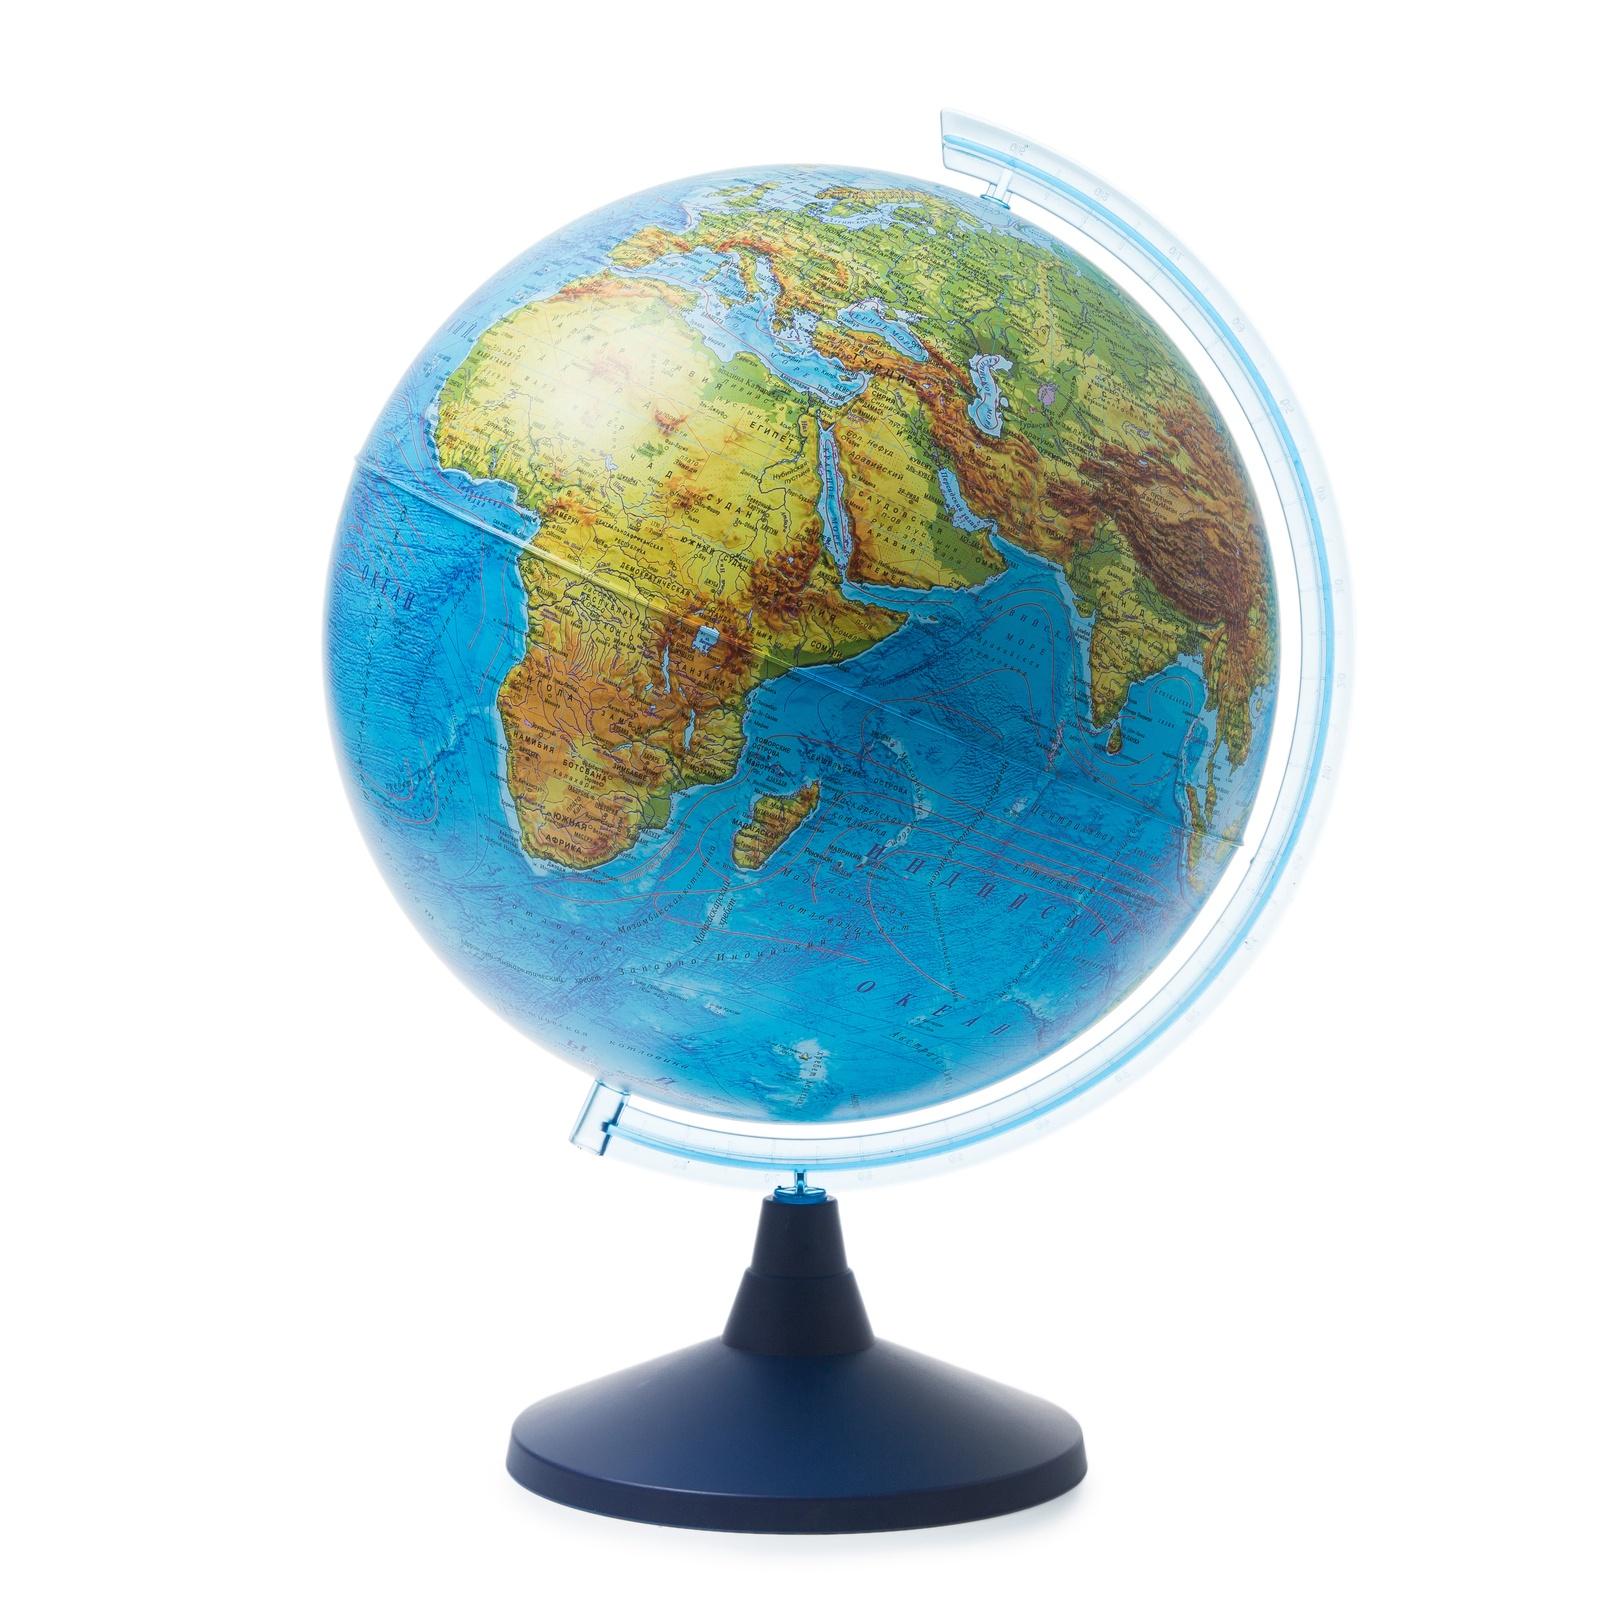 Глобус Globen физико-политический, с подсветкой, диаметр 21 см цена 2017